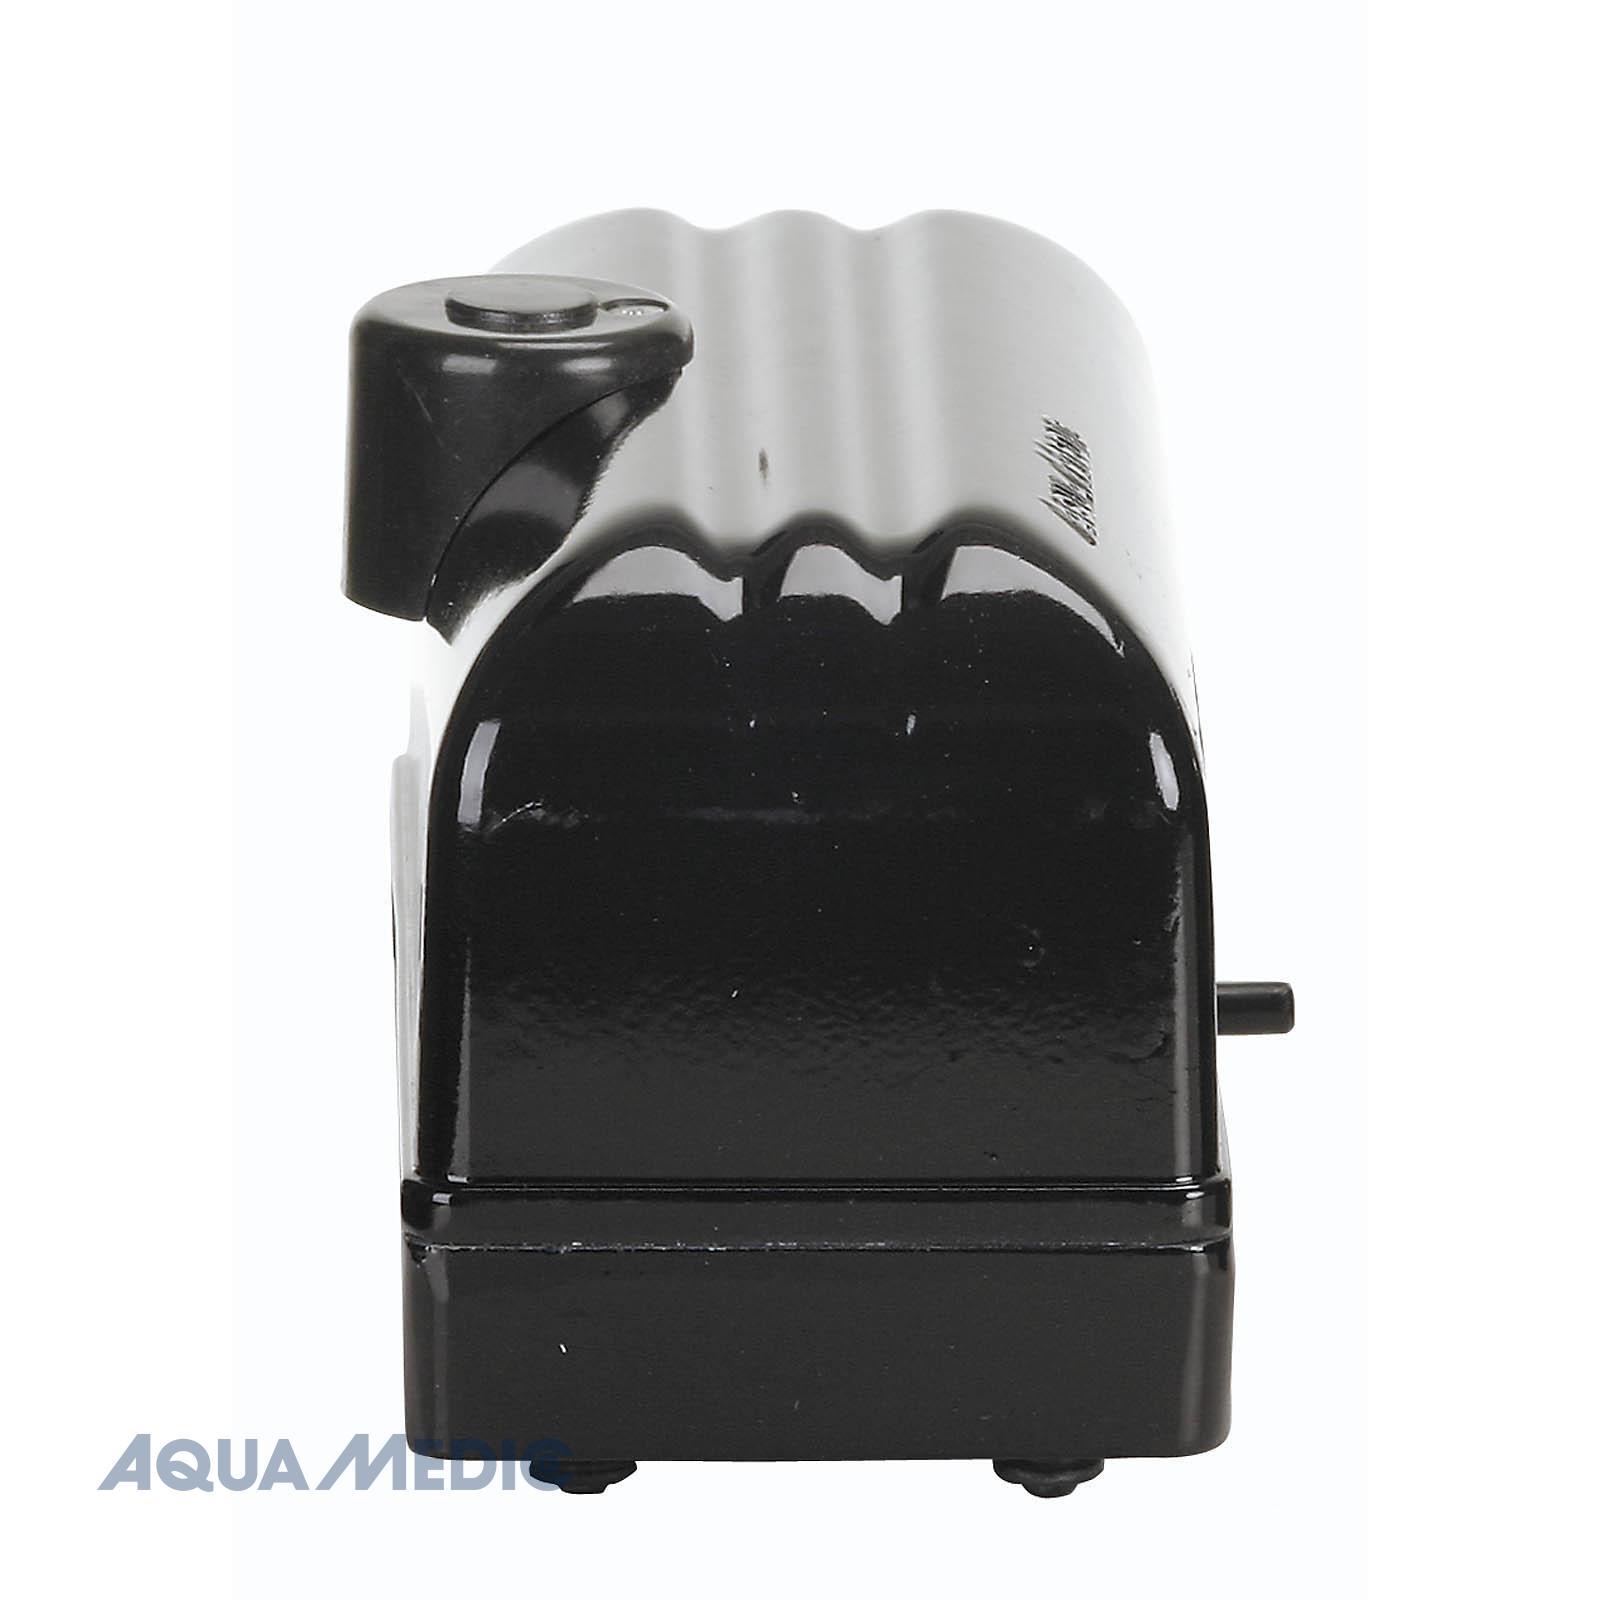 Mistral 200 - Leistungsstarke Membranluftpumpen für Aquarien